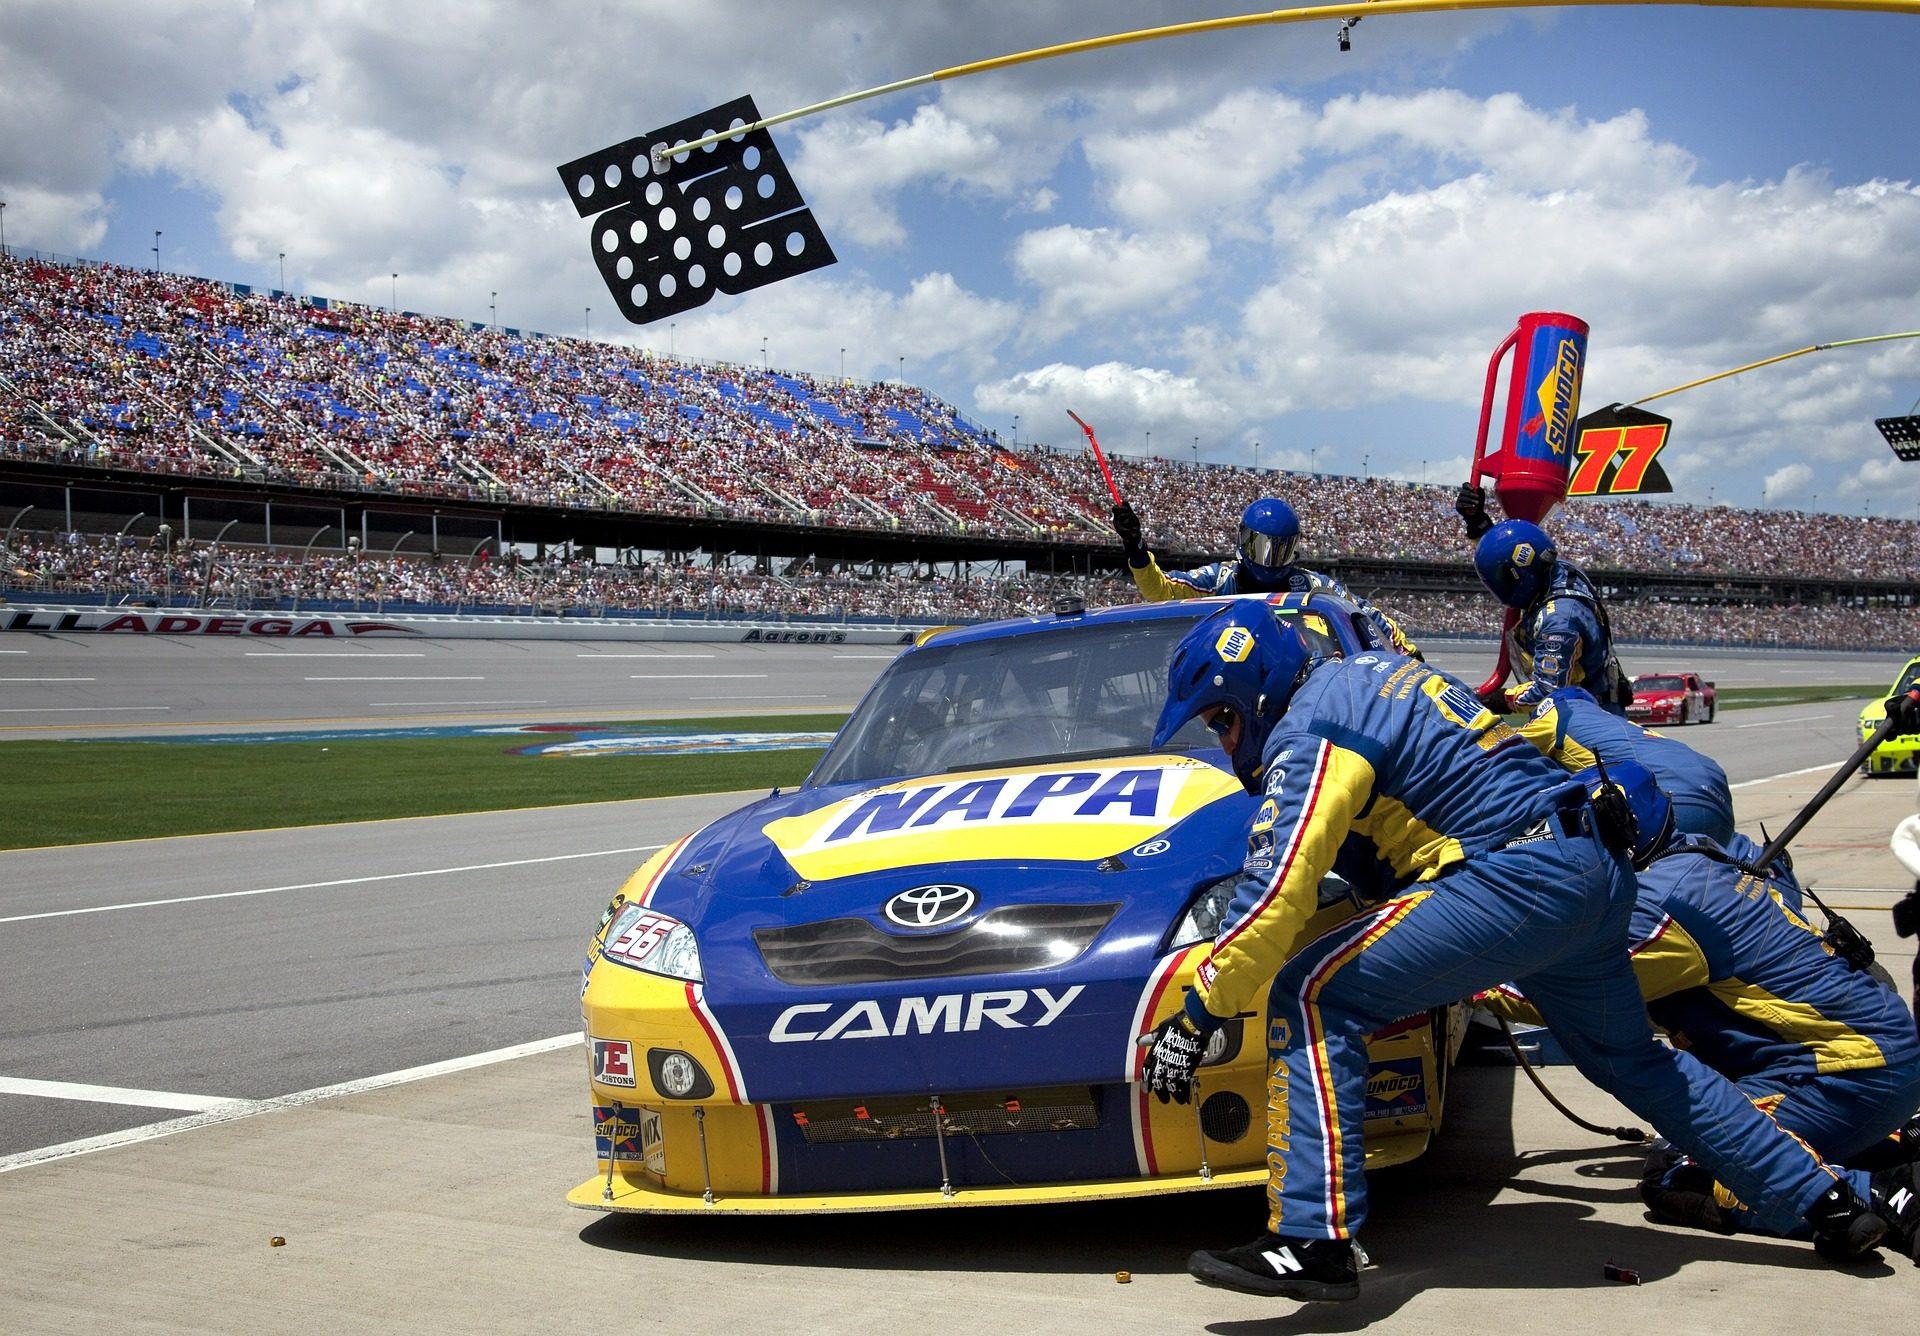 NASCAR, कैरियर, कारें, ईंधन भराई, टीम - HD वॉलपेपर - प्रोफेसर-falken.com